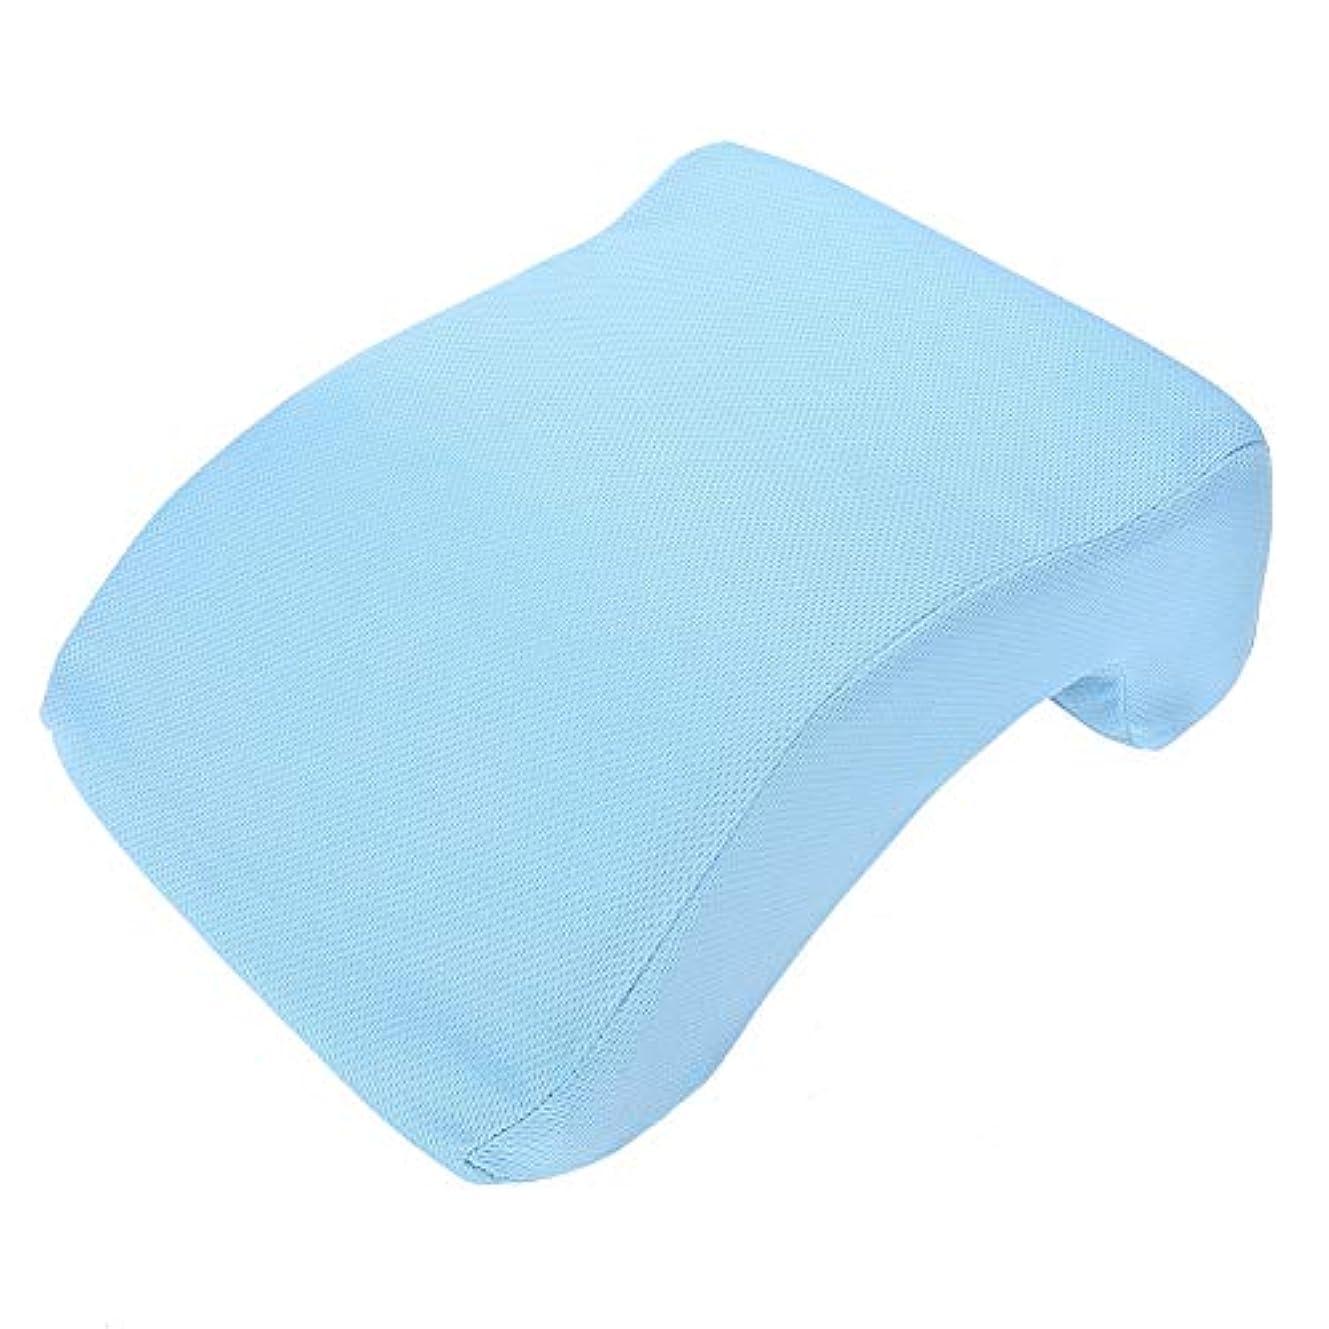 どこでもアジアゆり低反発まくら ピロー マッサージ枕 首?頭?肩をやさしく支える 安眠枕 快眠グッズ 柔らかい 洗えるやすい